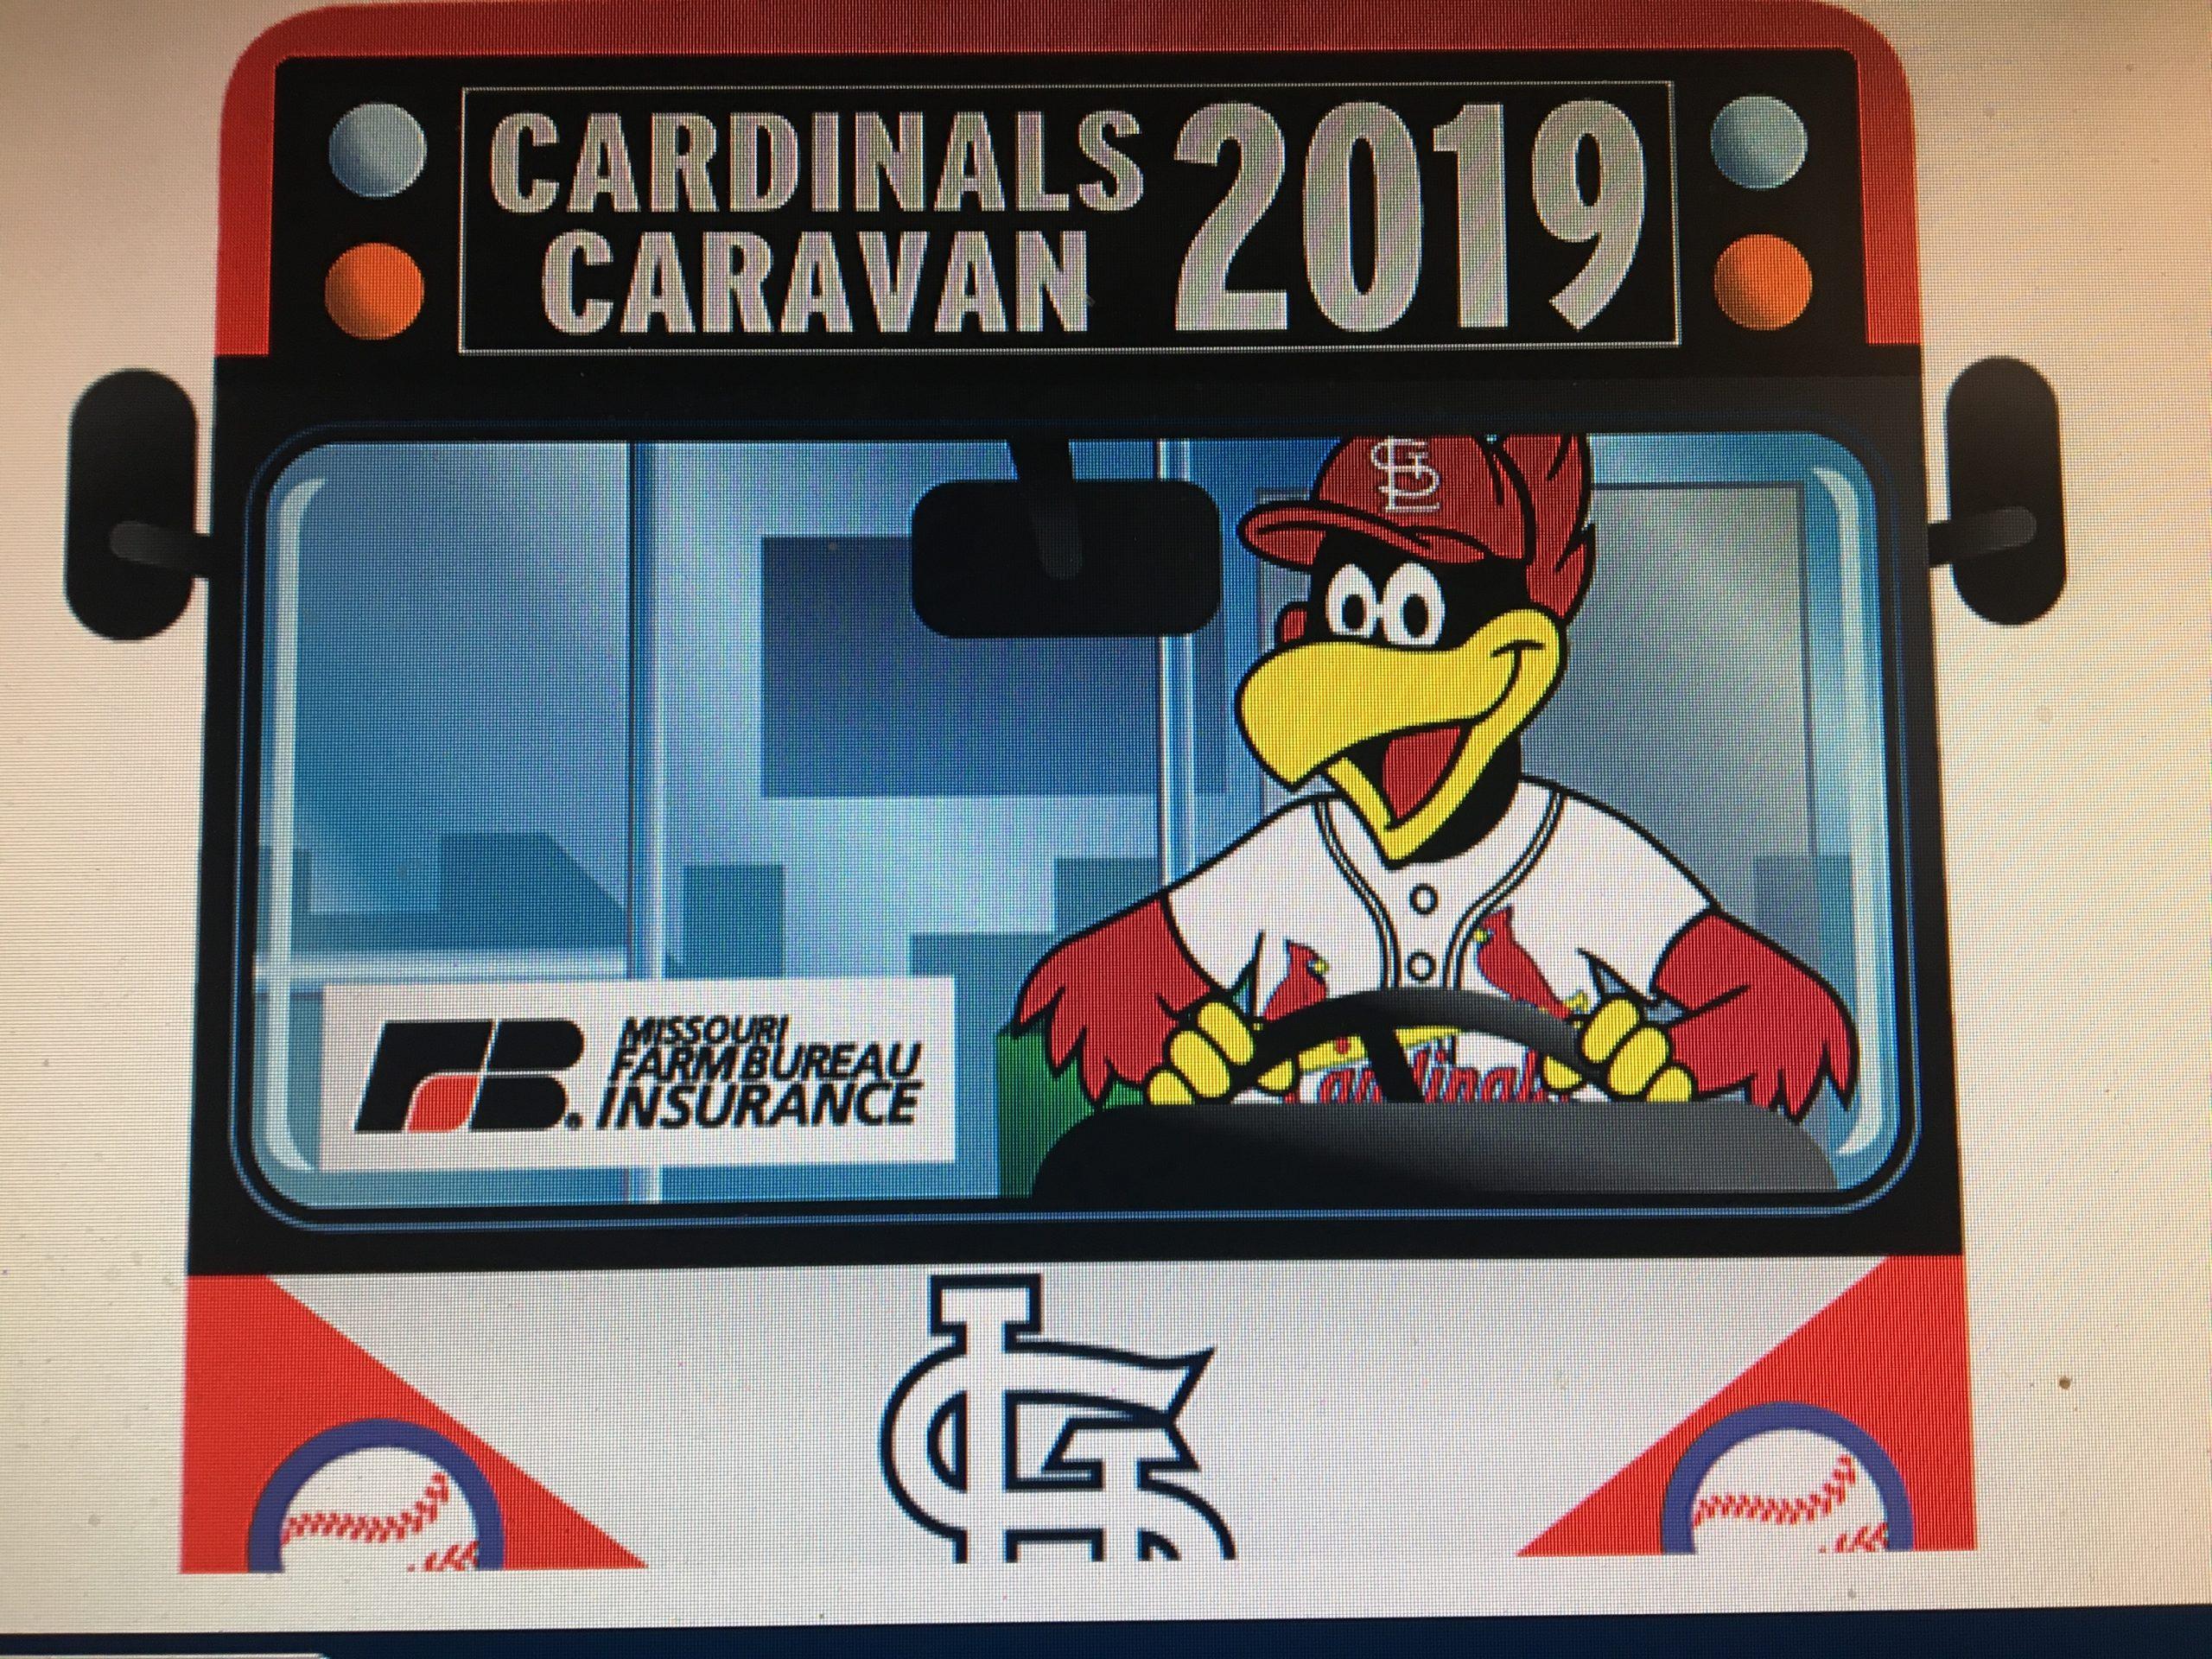 2019 ST. LOUIS CARDINALS CARAVANS